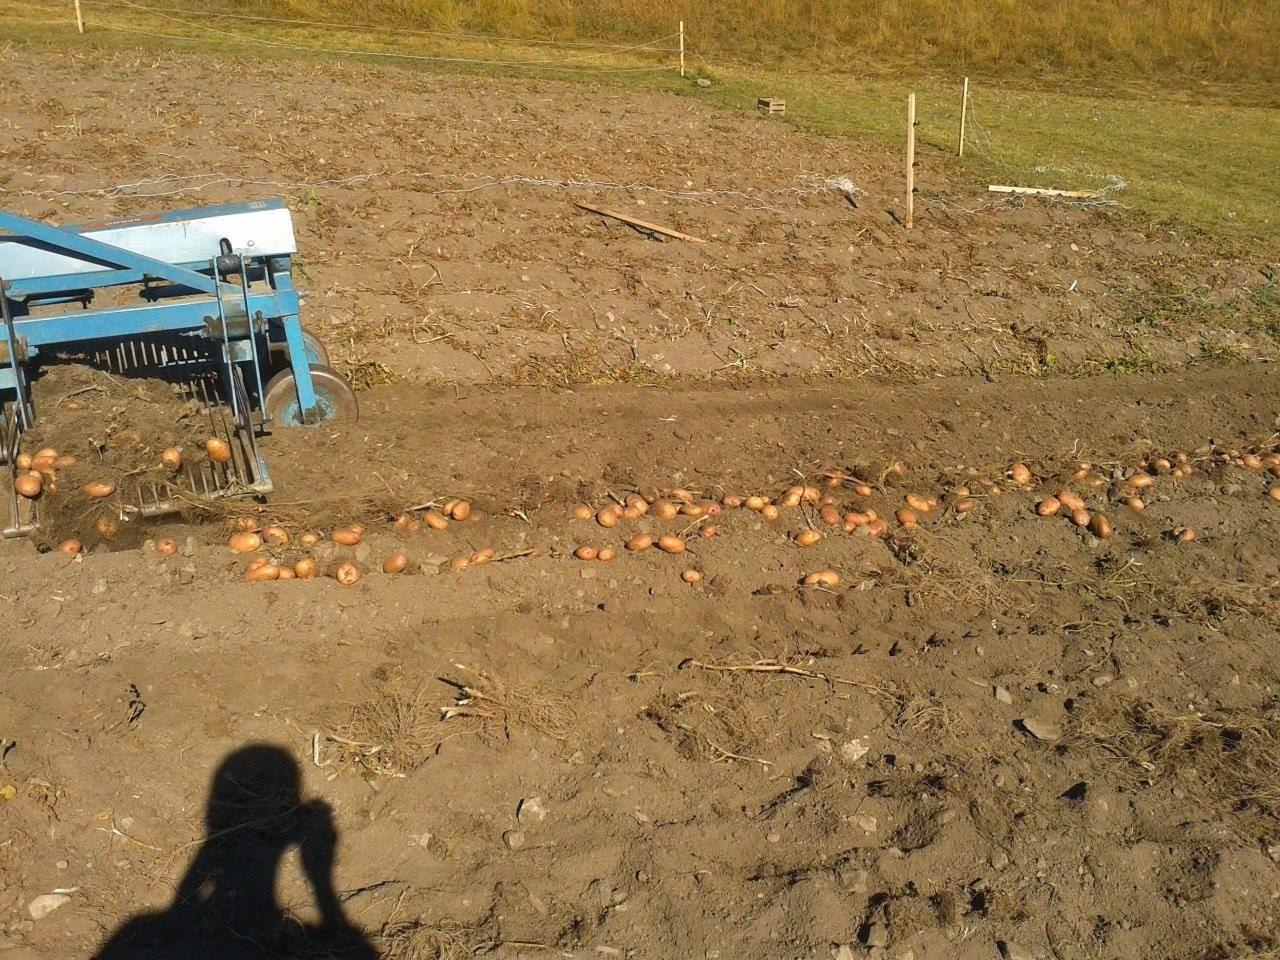 Azienda agricola l 39 four raccolta patate 2014 for Raccolta patate